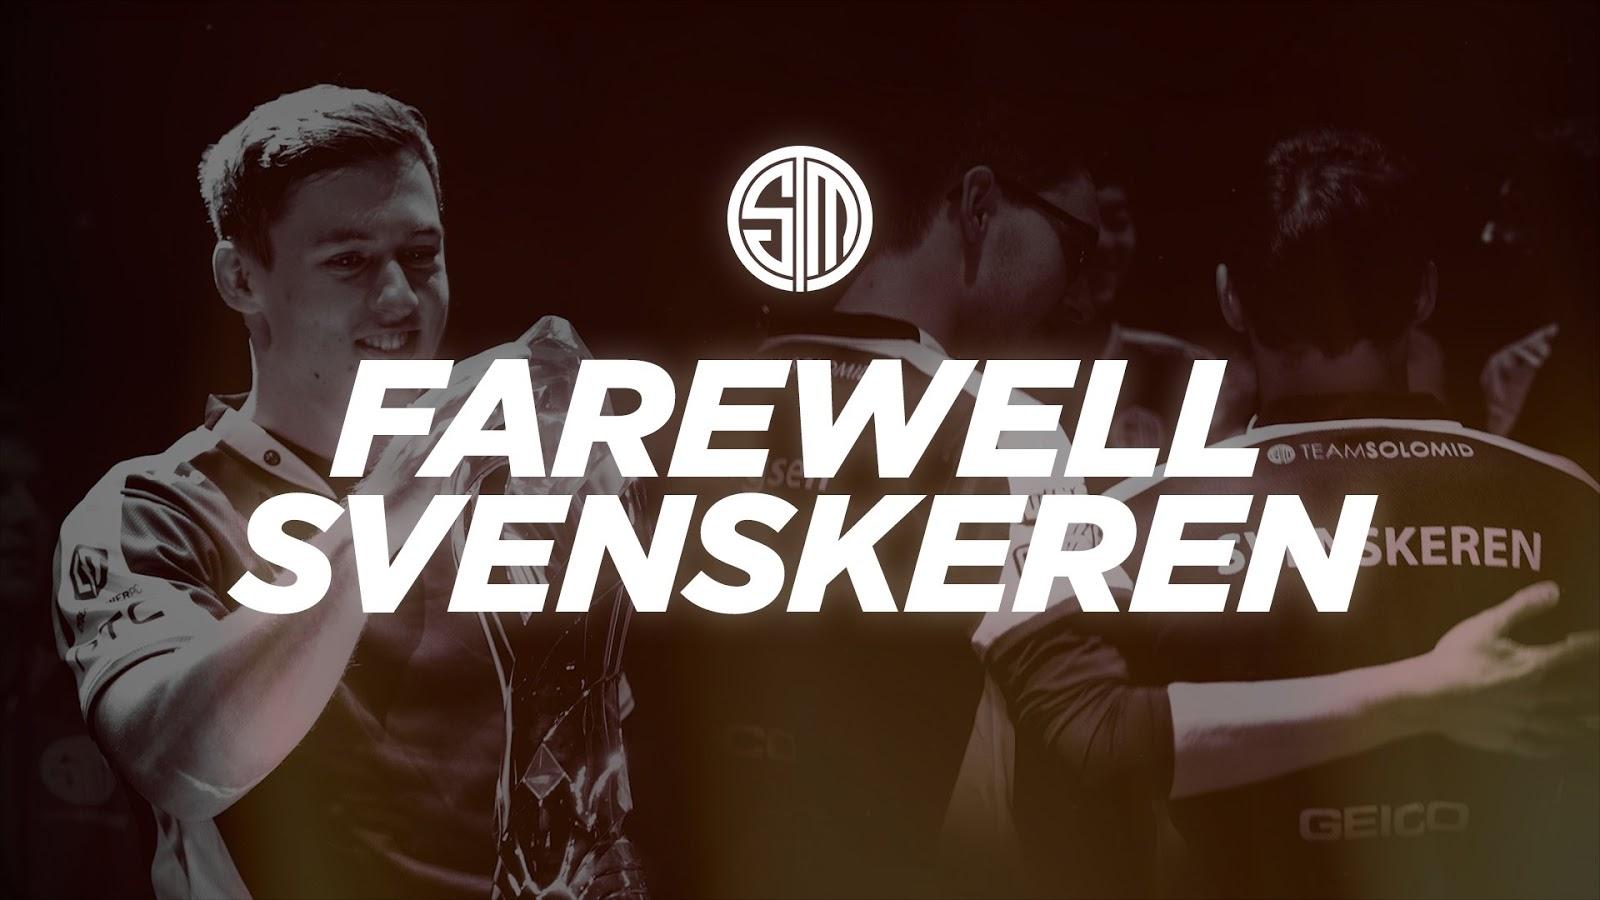 Tạm biệt Svenskeren và Biofrost!